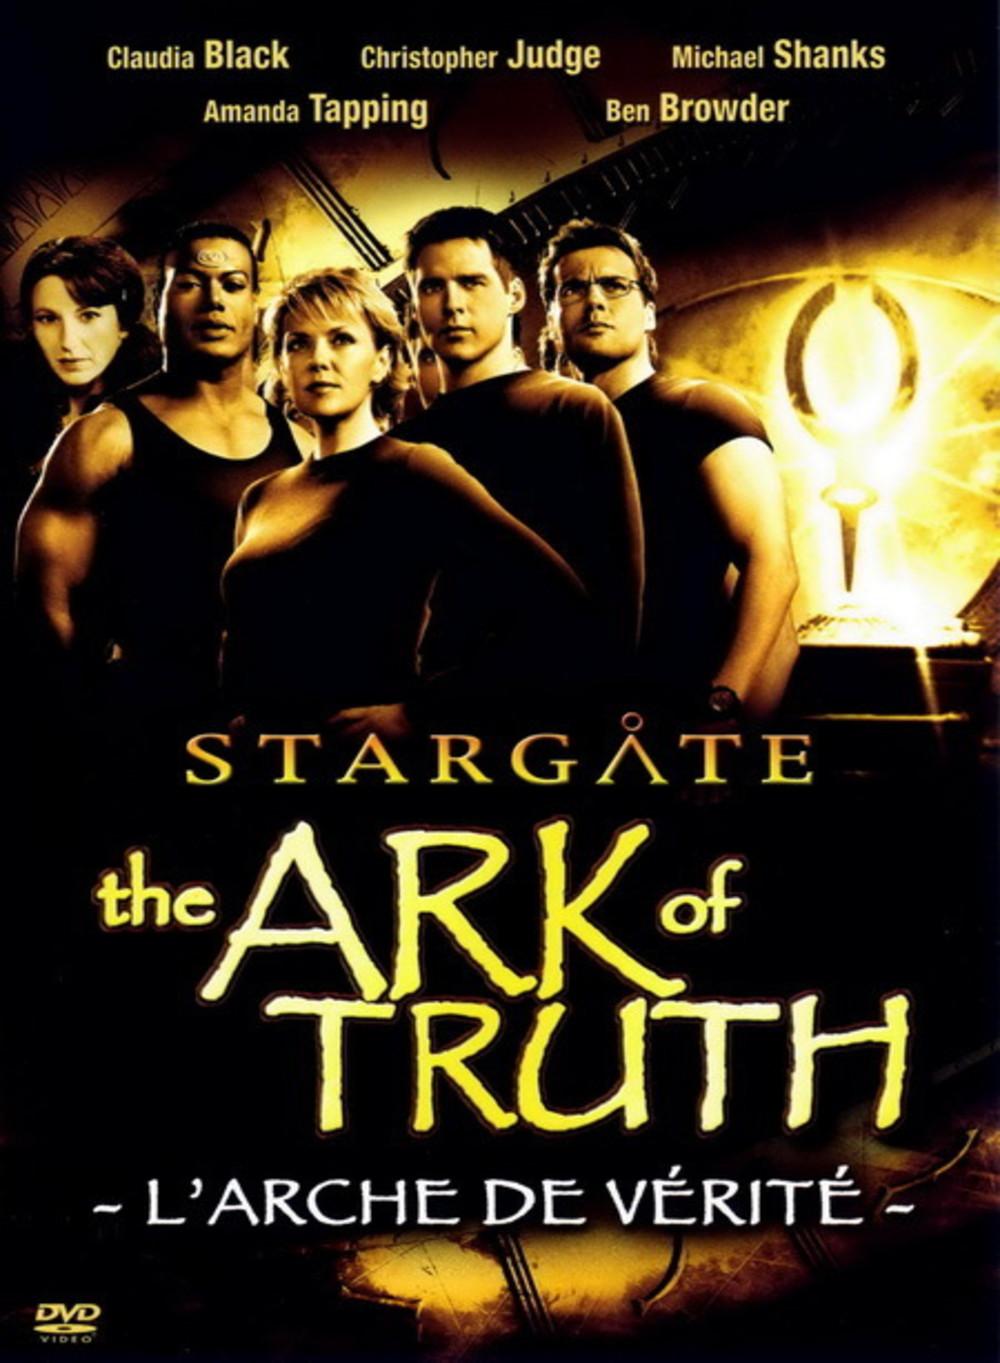 affiche du film Stargate : L'arche de vérité (TV)